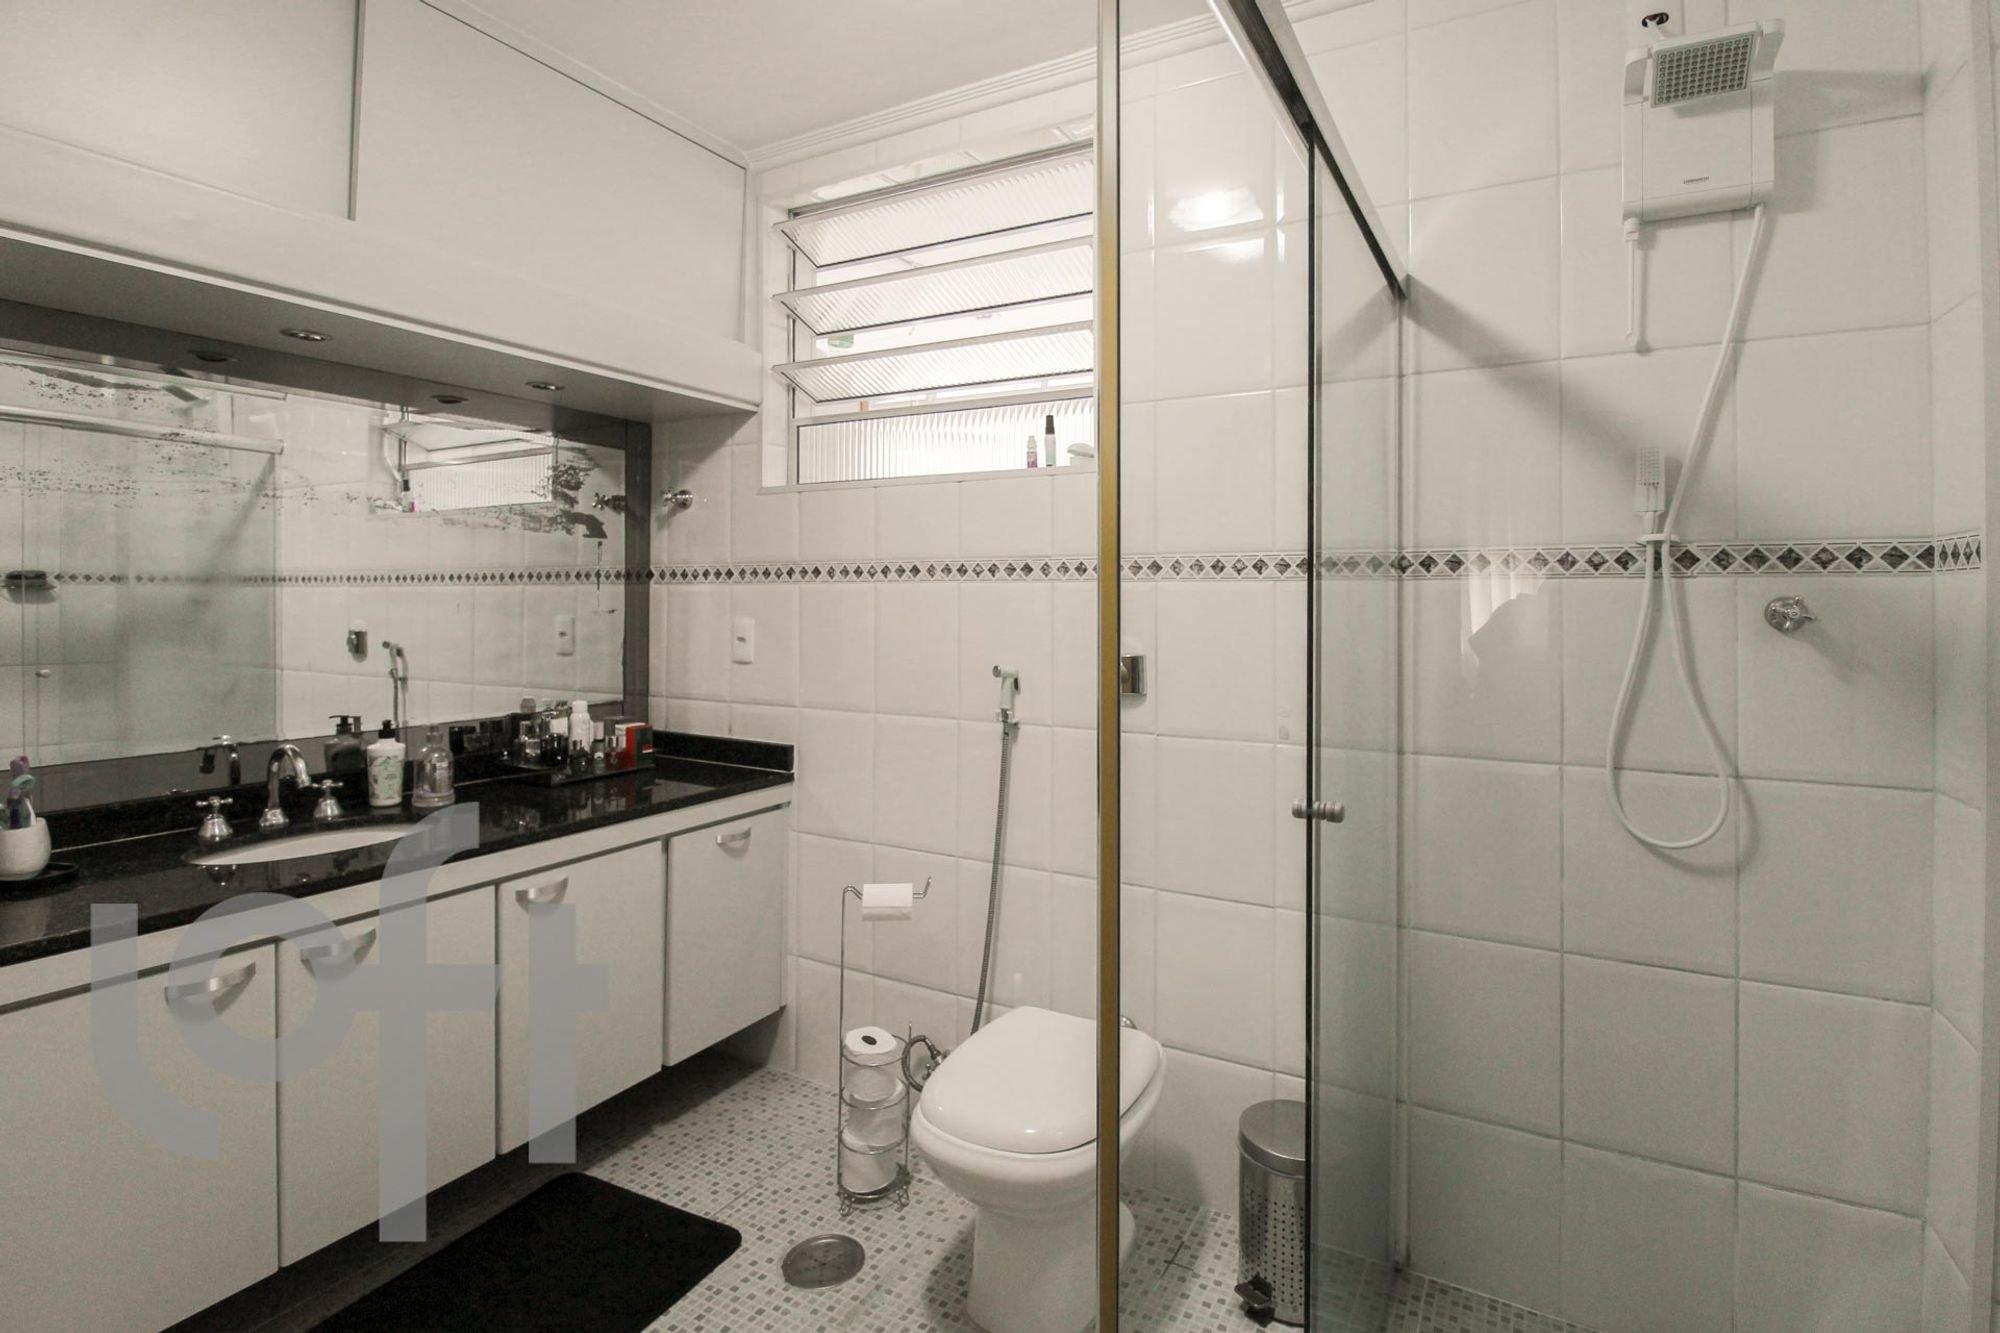 Foto de Cozinha com vaso sanitário, pia